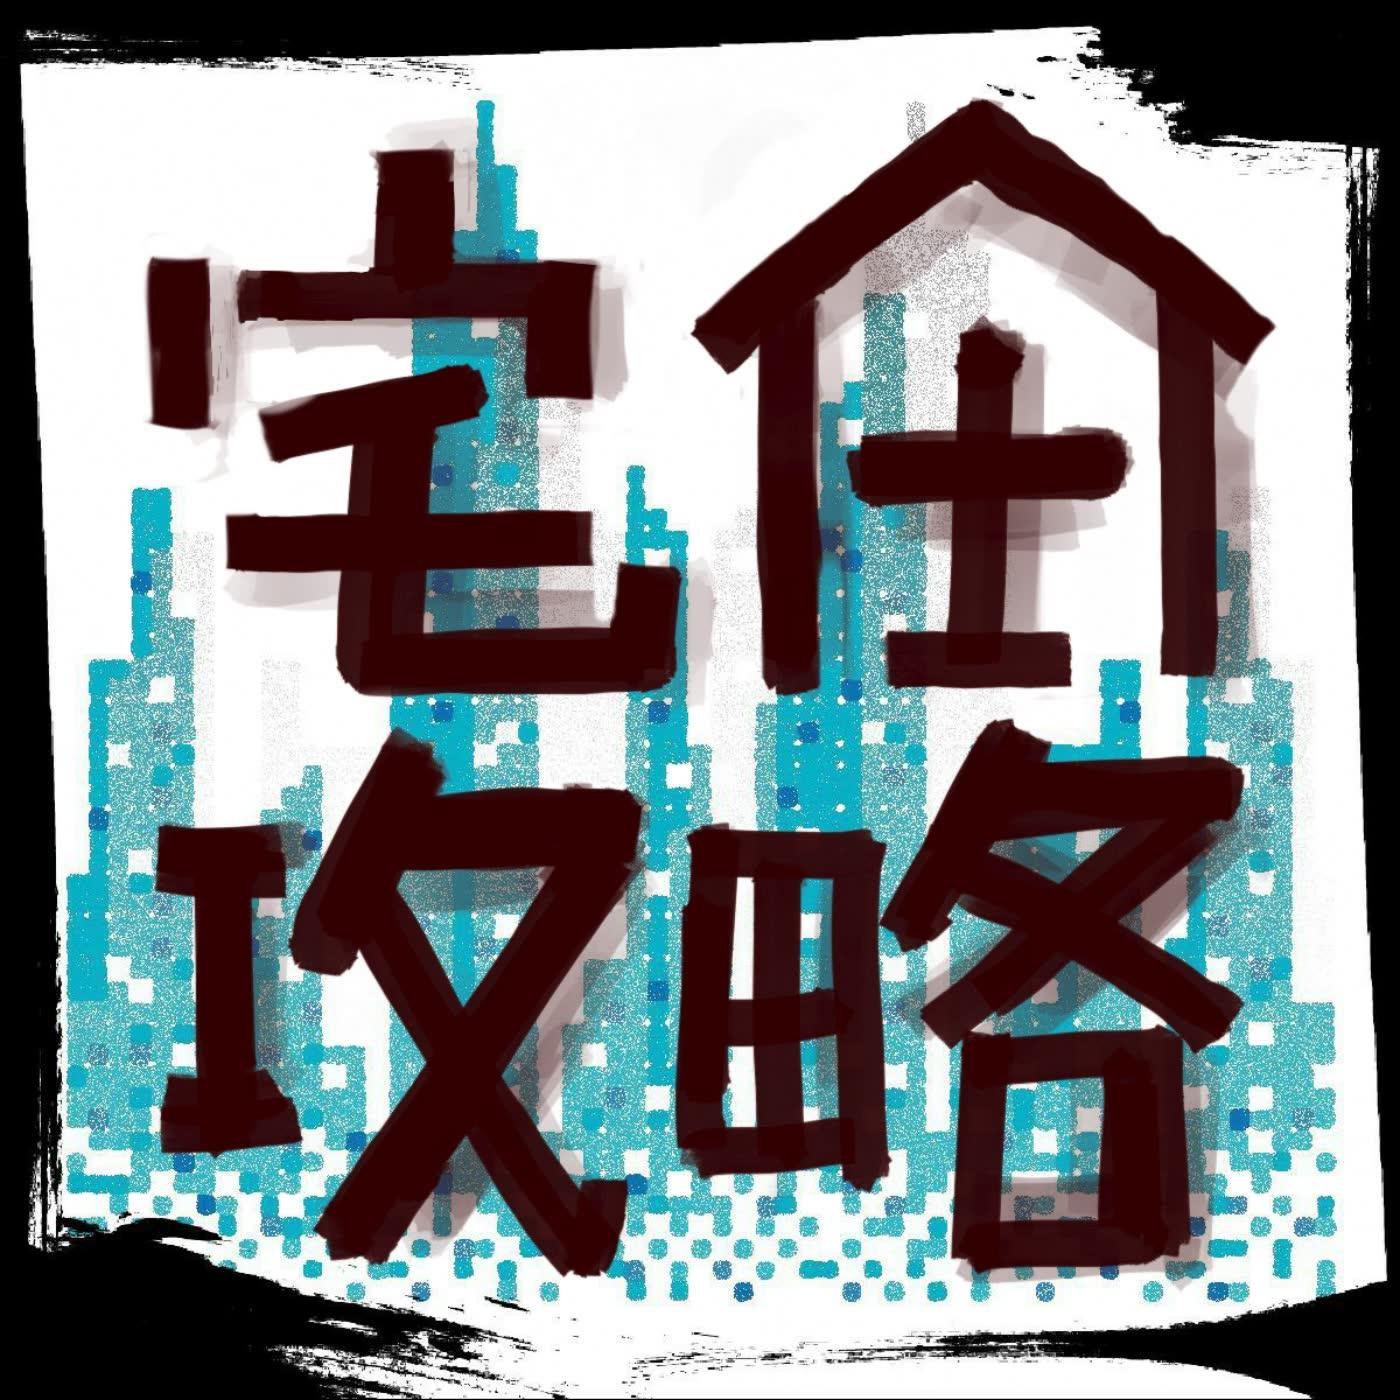 EP03買房即時通系列一,到底該怎麼看房子呢?